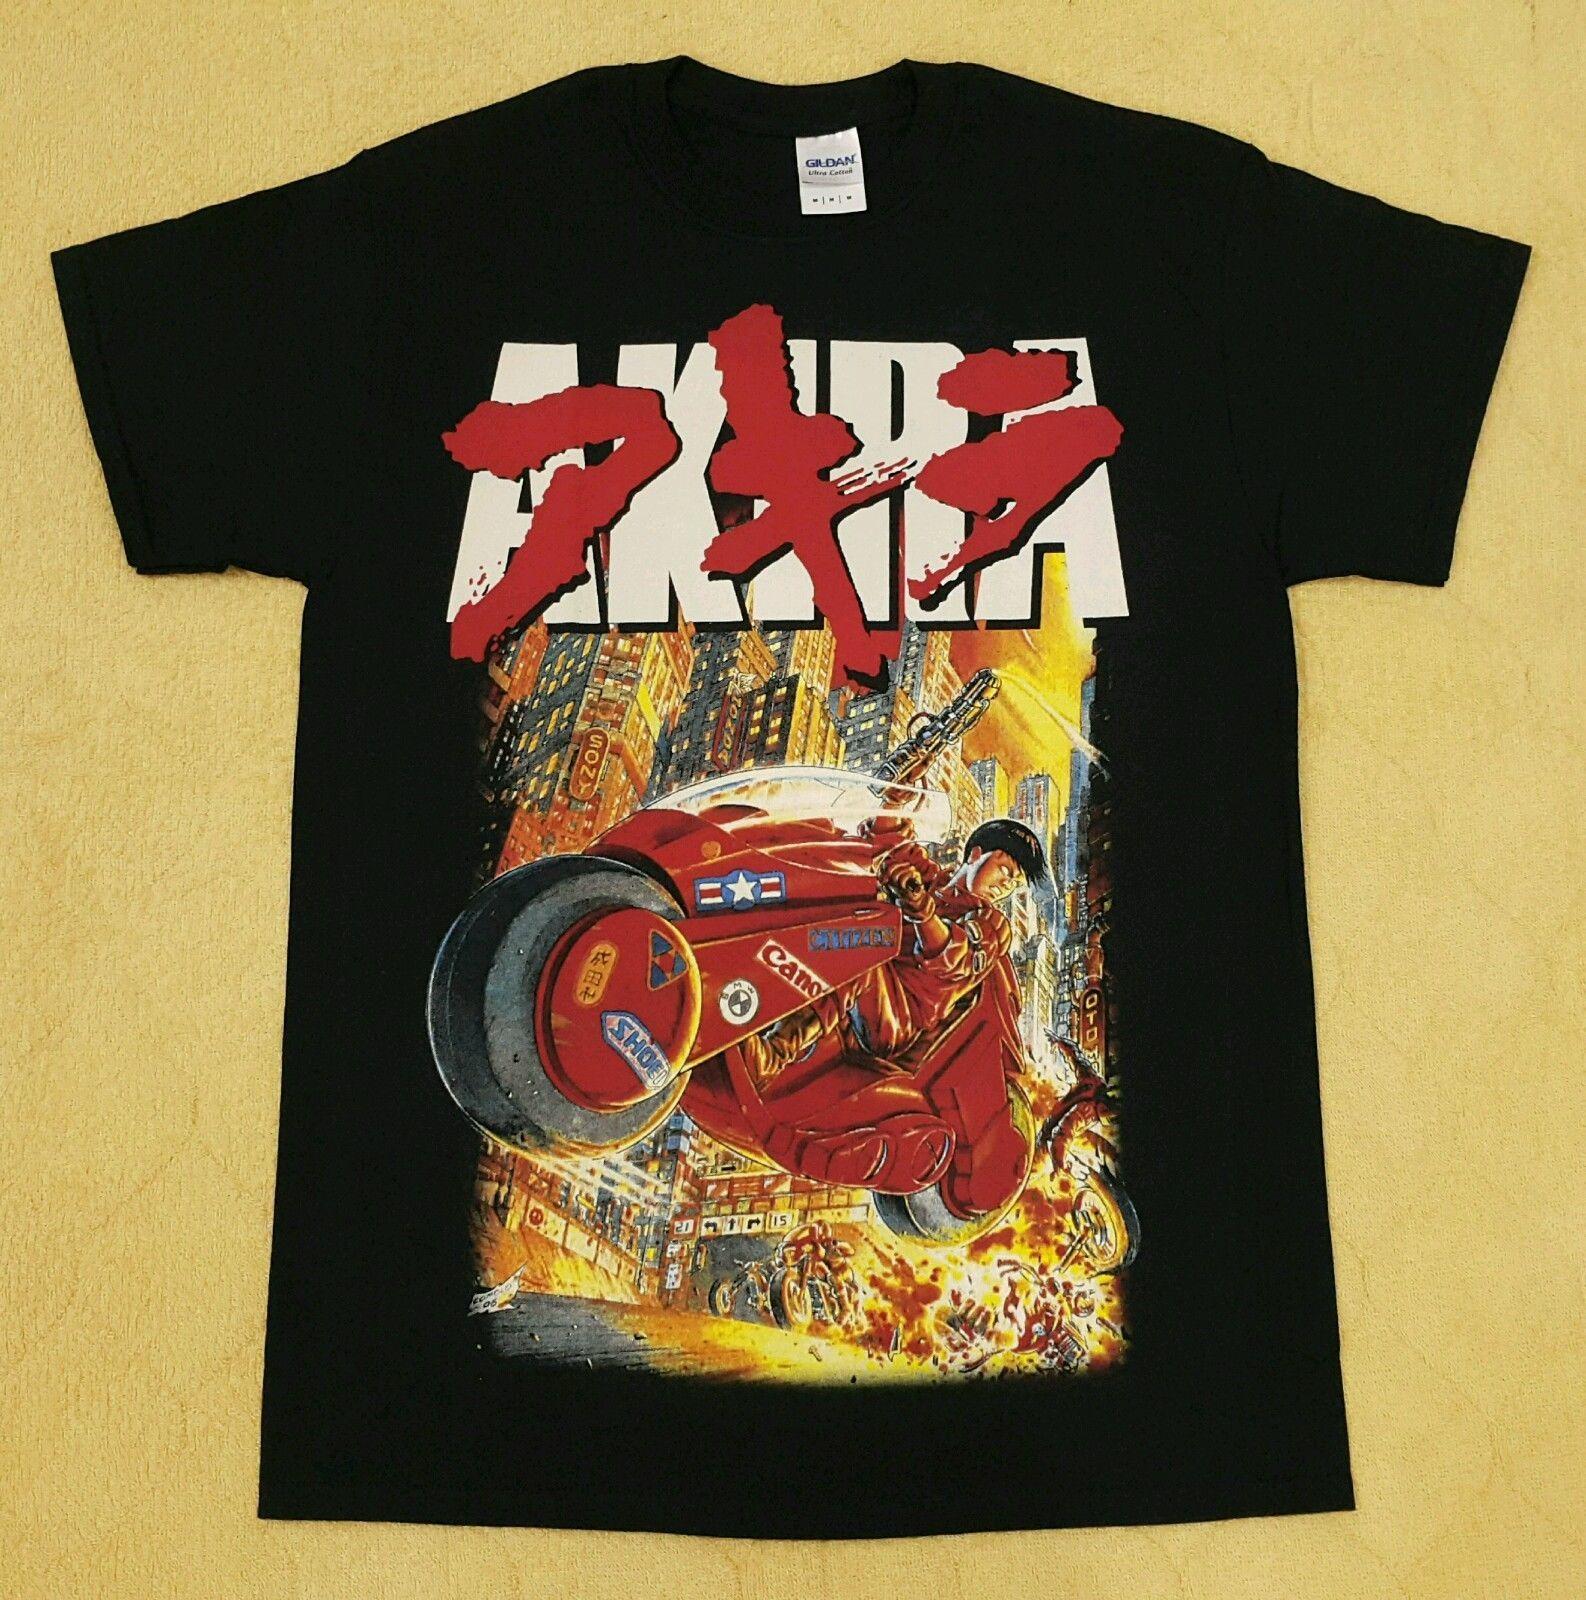 Black t shirt ebay - Akira Japan Anime Cartoon Kaneda Bike Black T Shirt Size L Rare Motorcycle Ebay